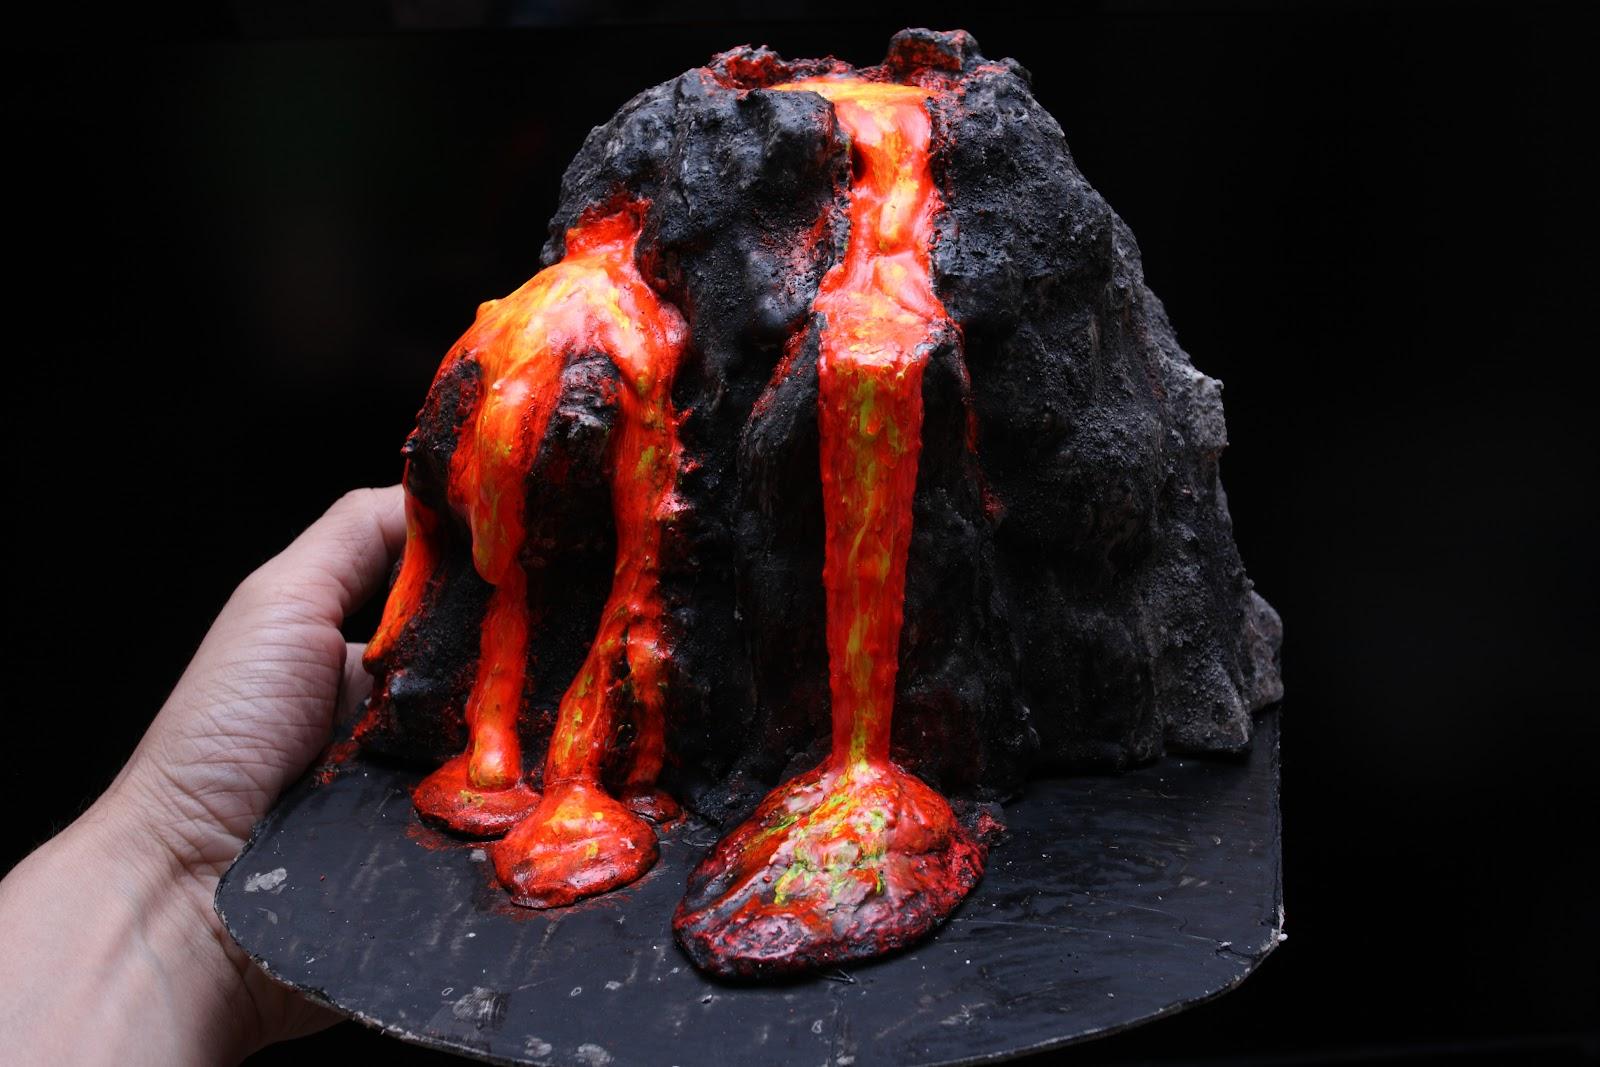 Картинки вулкан из спермы, фото секс порнушка от актрисы